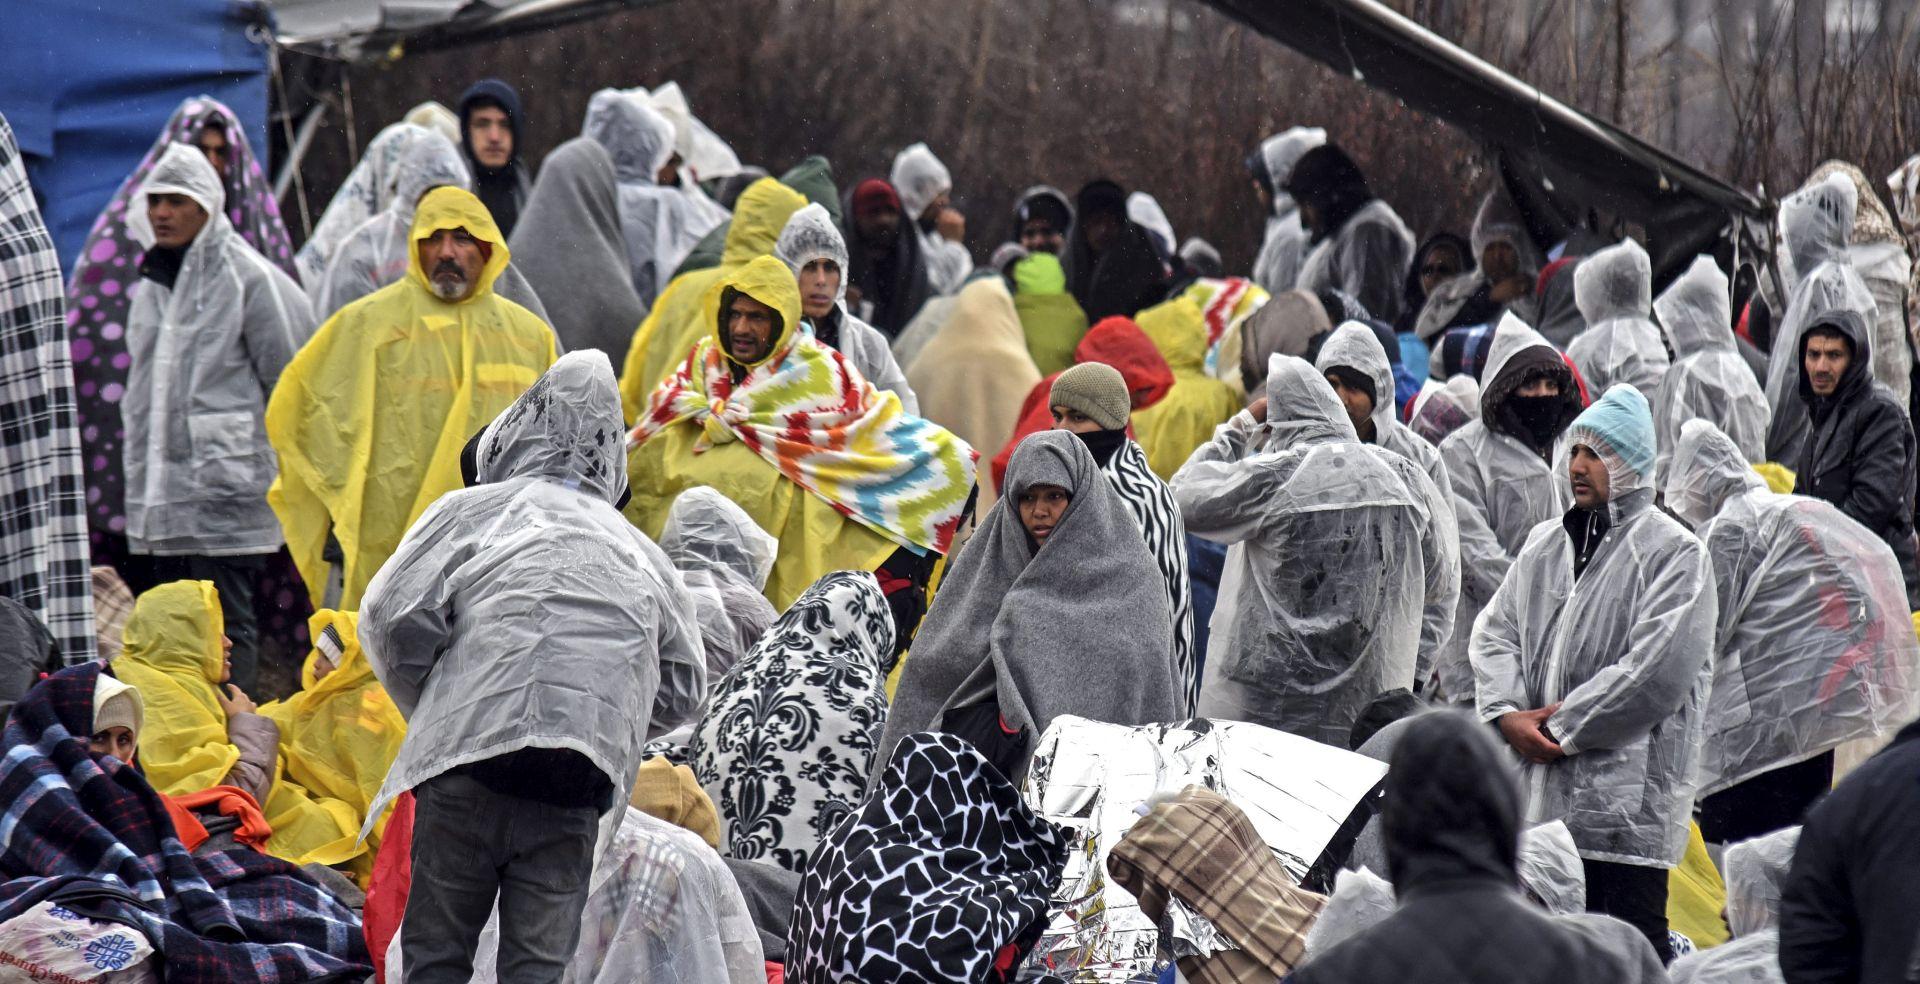 Srbijanska policija zaustavila 150 migranata koji su pješice krenuli u Hrvatsku